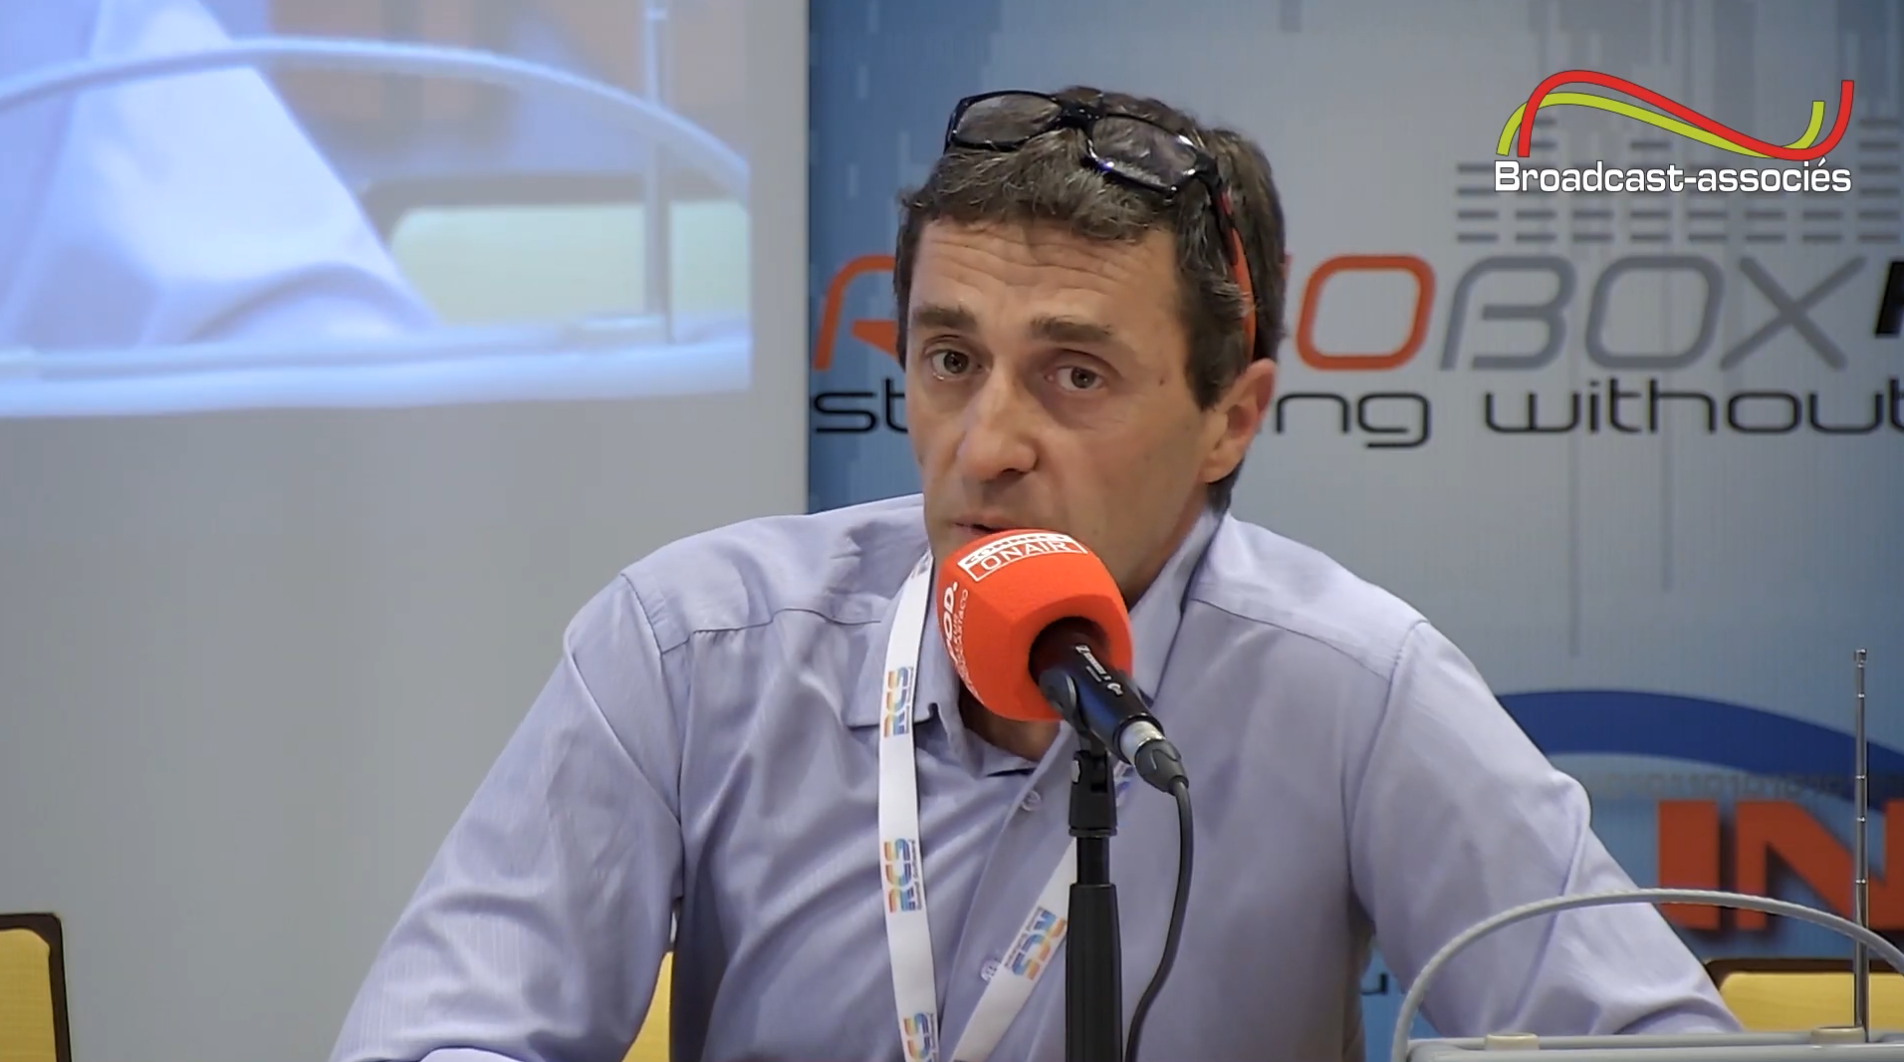 Olivier Bourgier est le Secrétaire général du CTA de Marseille. Il a participé au RadioTour à Nice